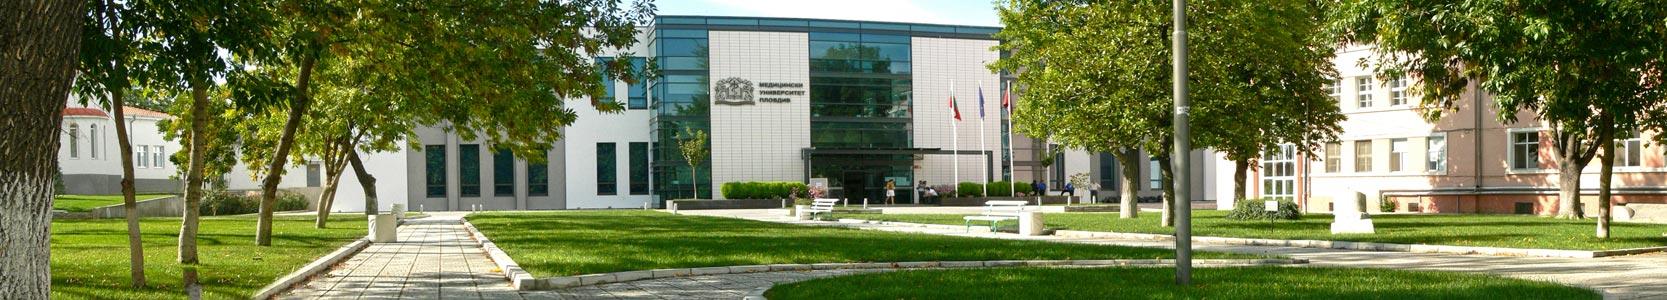 Ιατρική Σχολή Πλόβντιβ